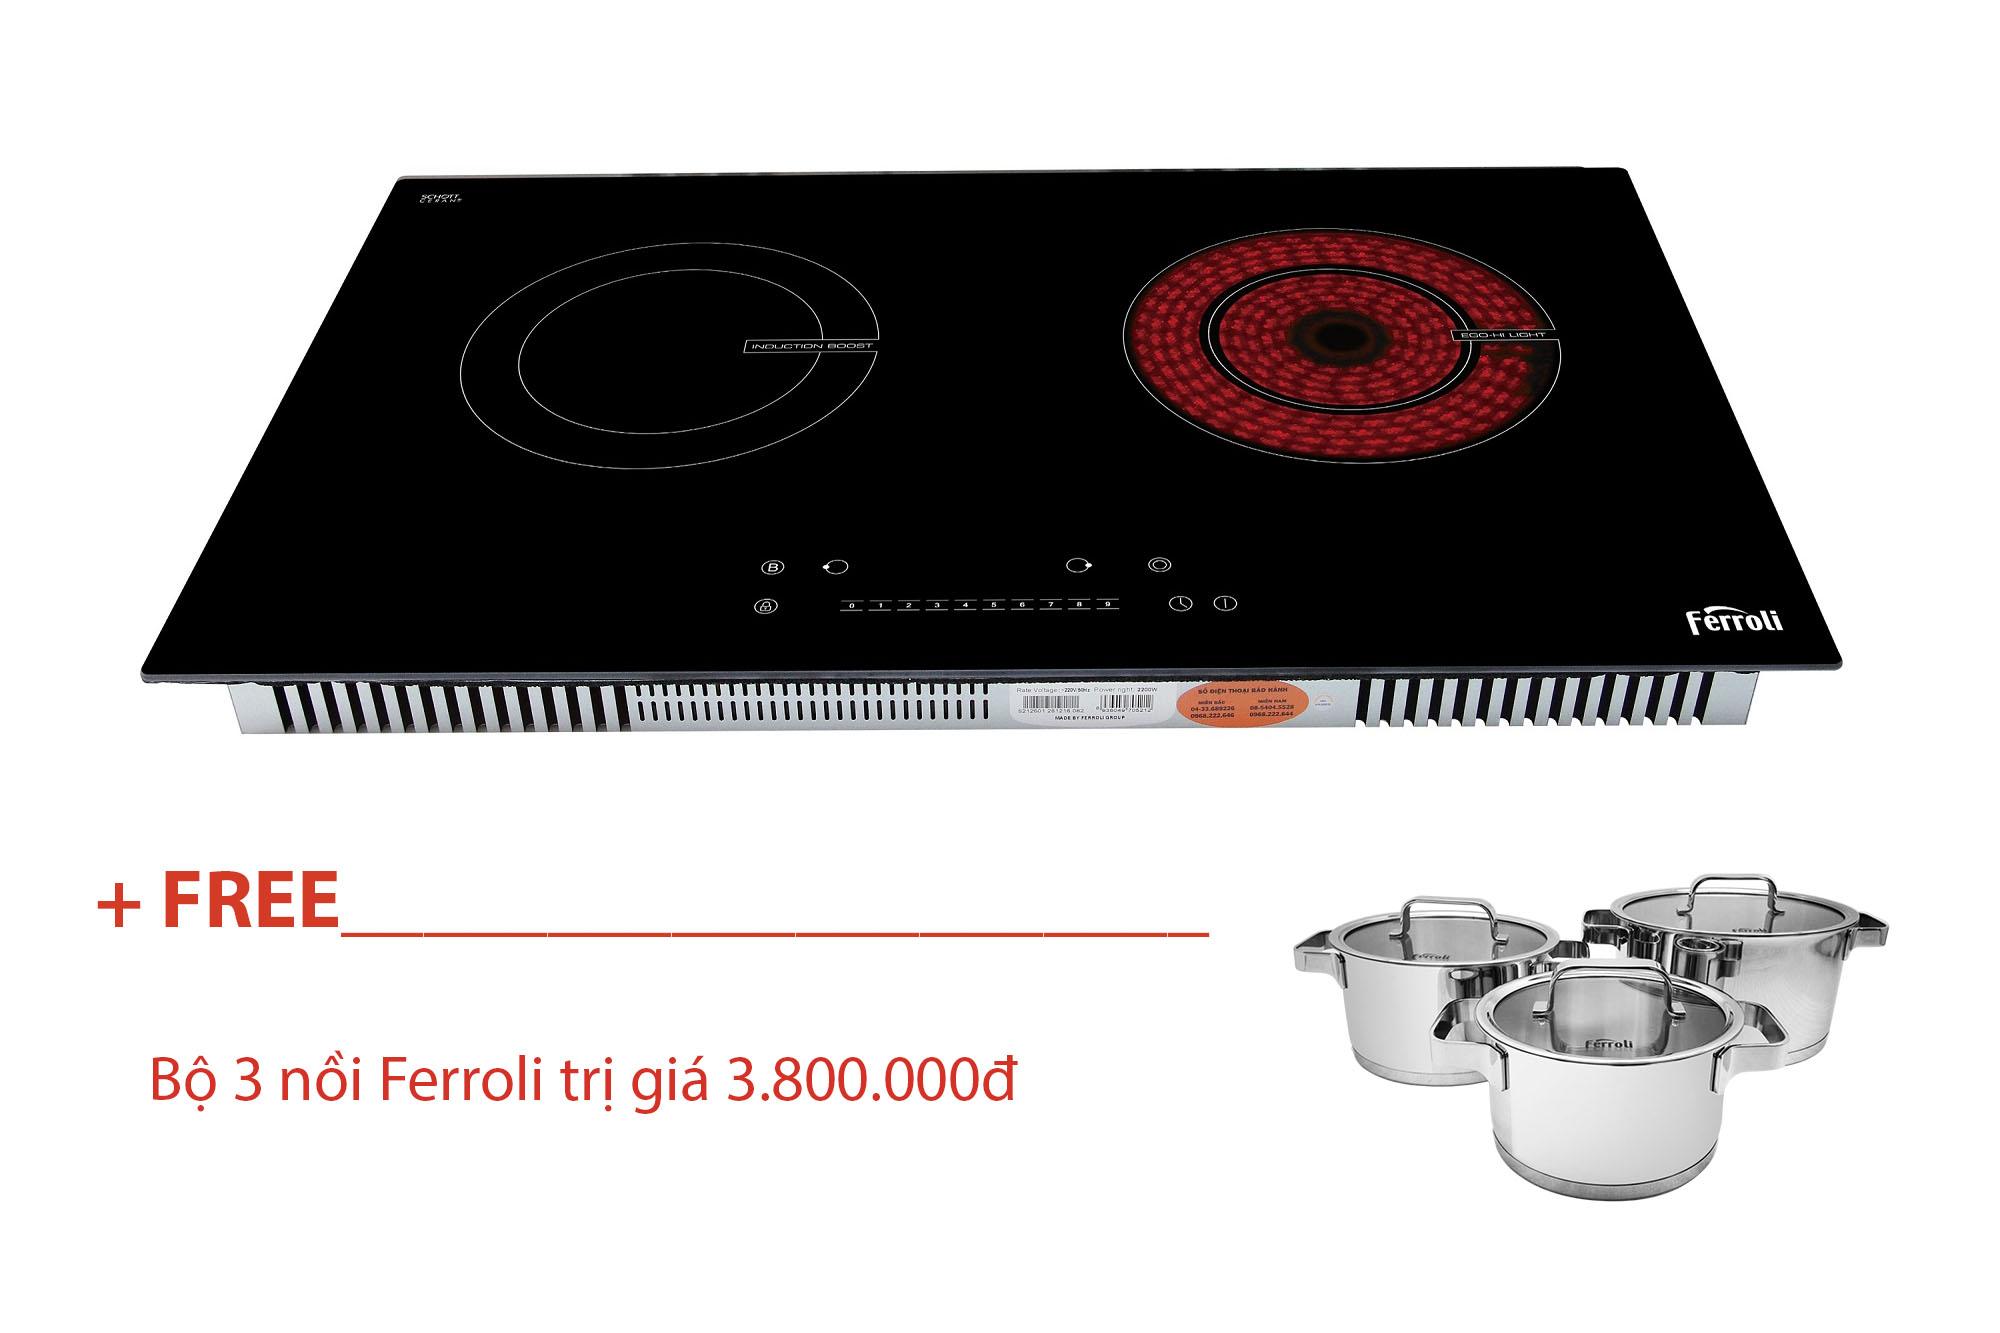 Bếp Đôi Từ Và Hồng Ngoại Ferroli IC4200BN - Hàng chính hãng